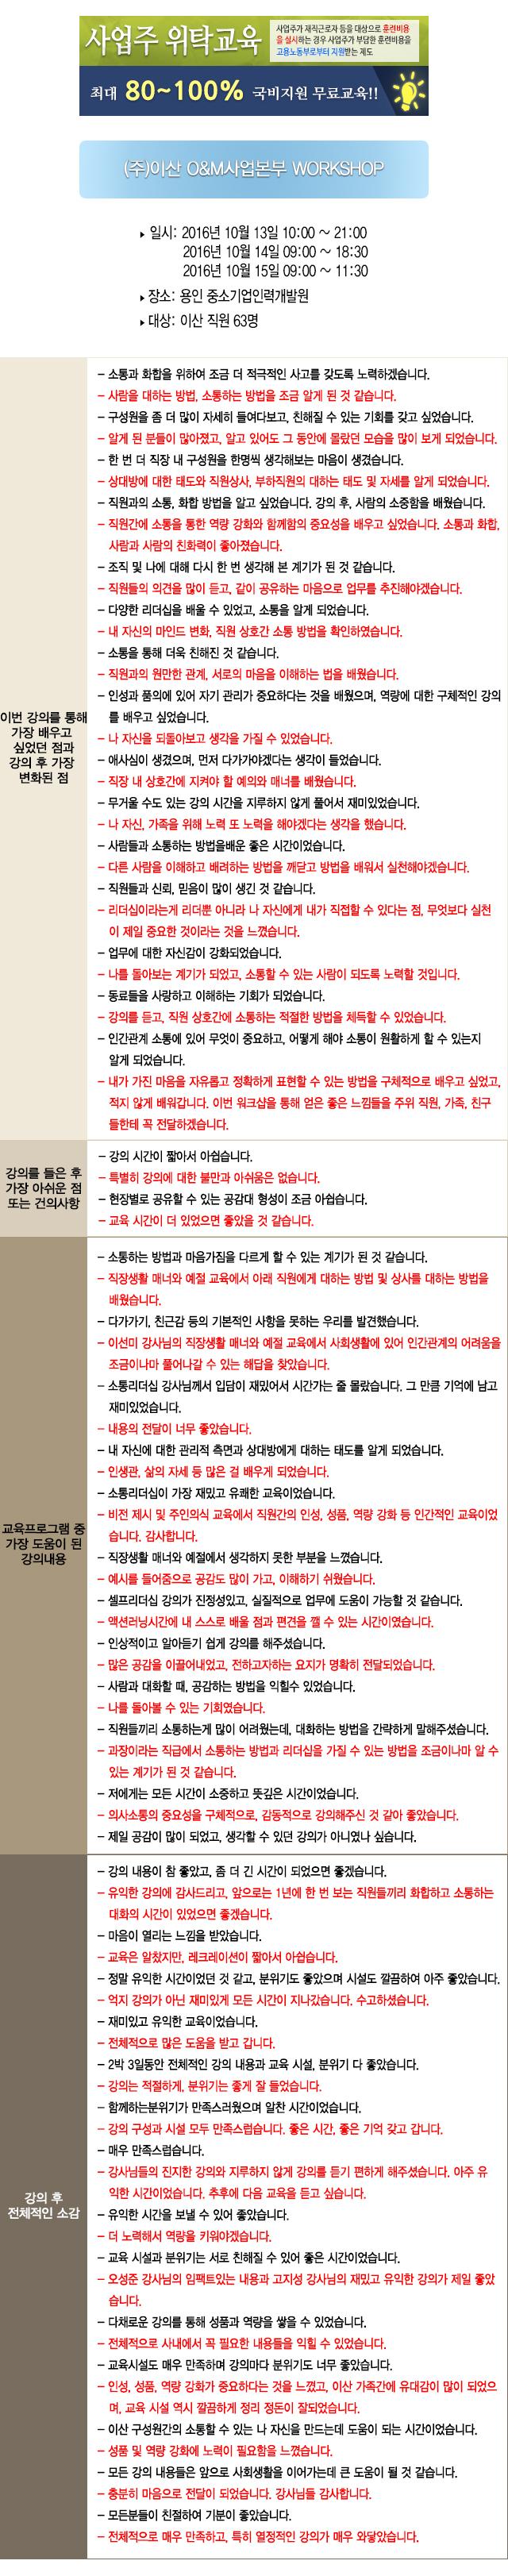 한국중앙인재개발원 후기 이산.jpg